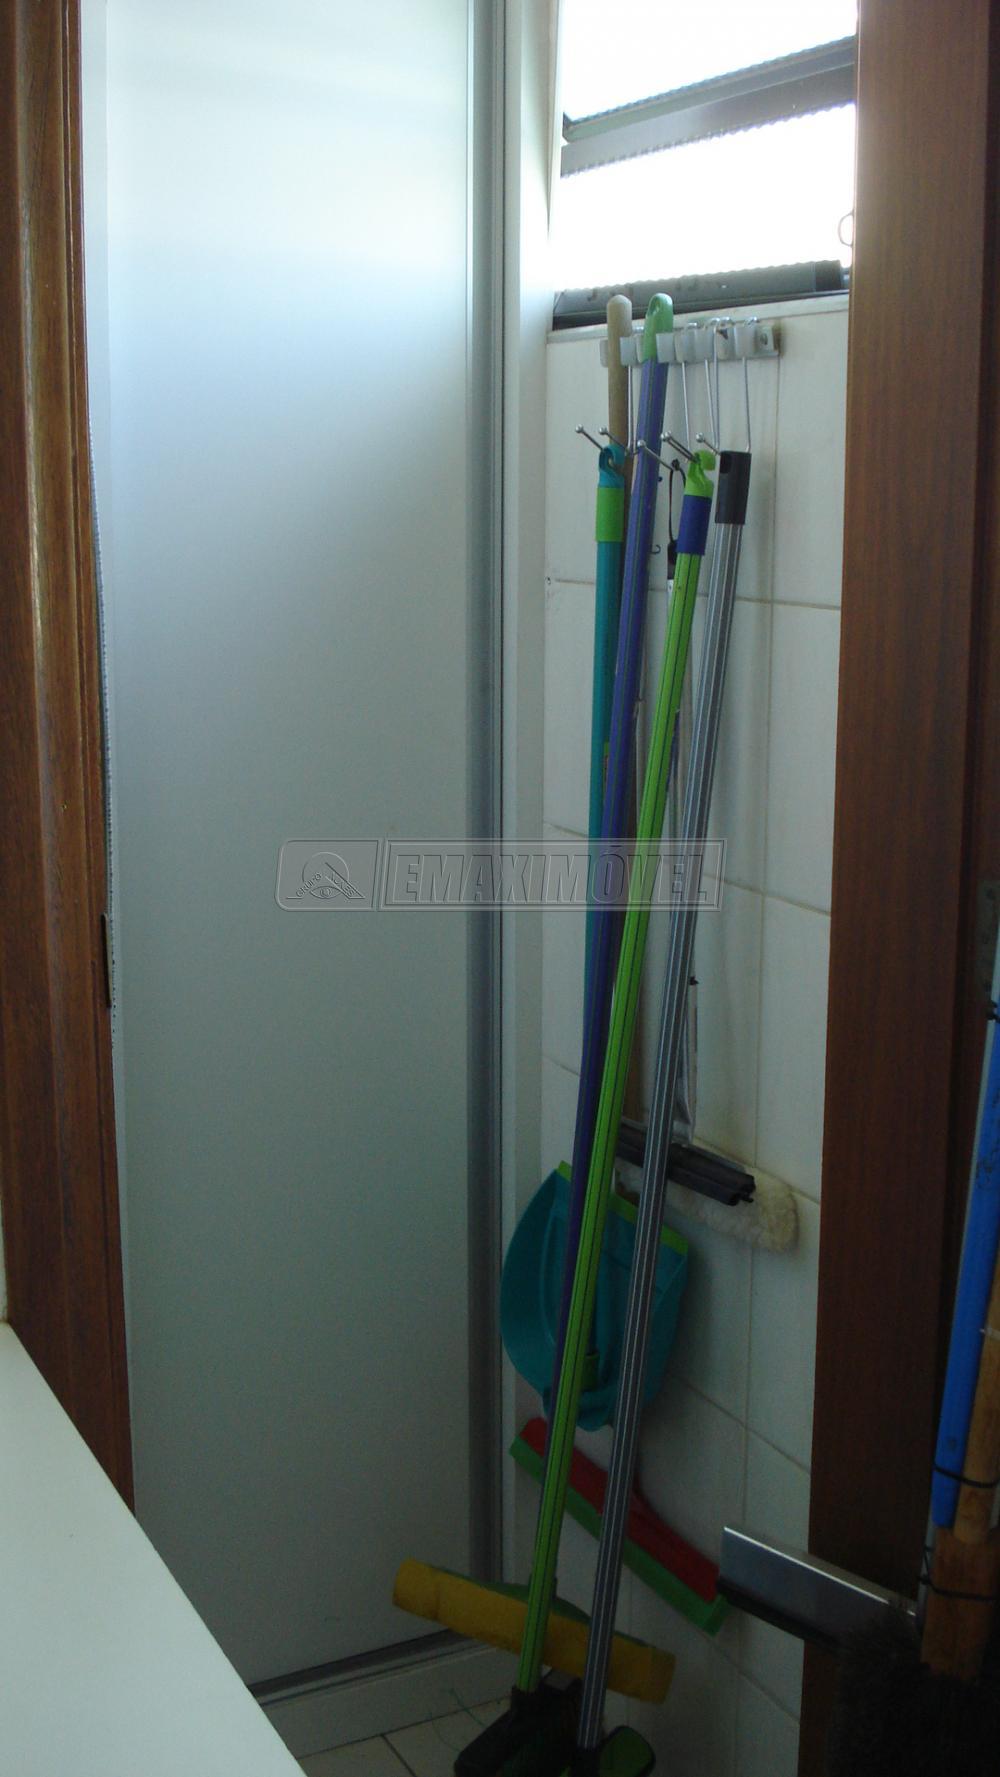 Comprar Apartamentos / Apto Padrão em Sorocaba apenas R$ 450.000,00 - Foto 17